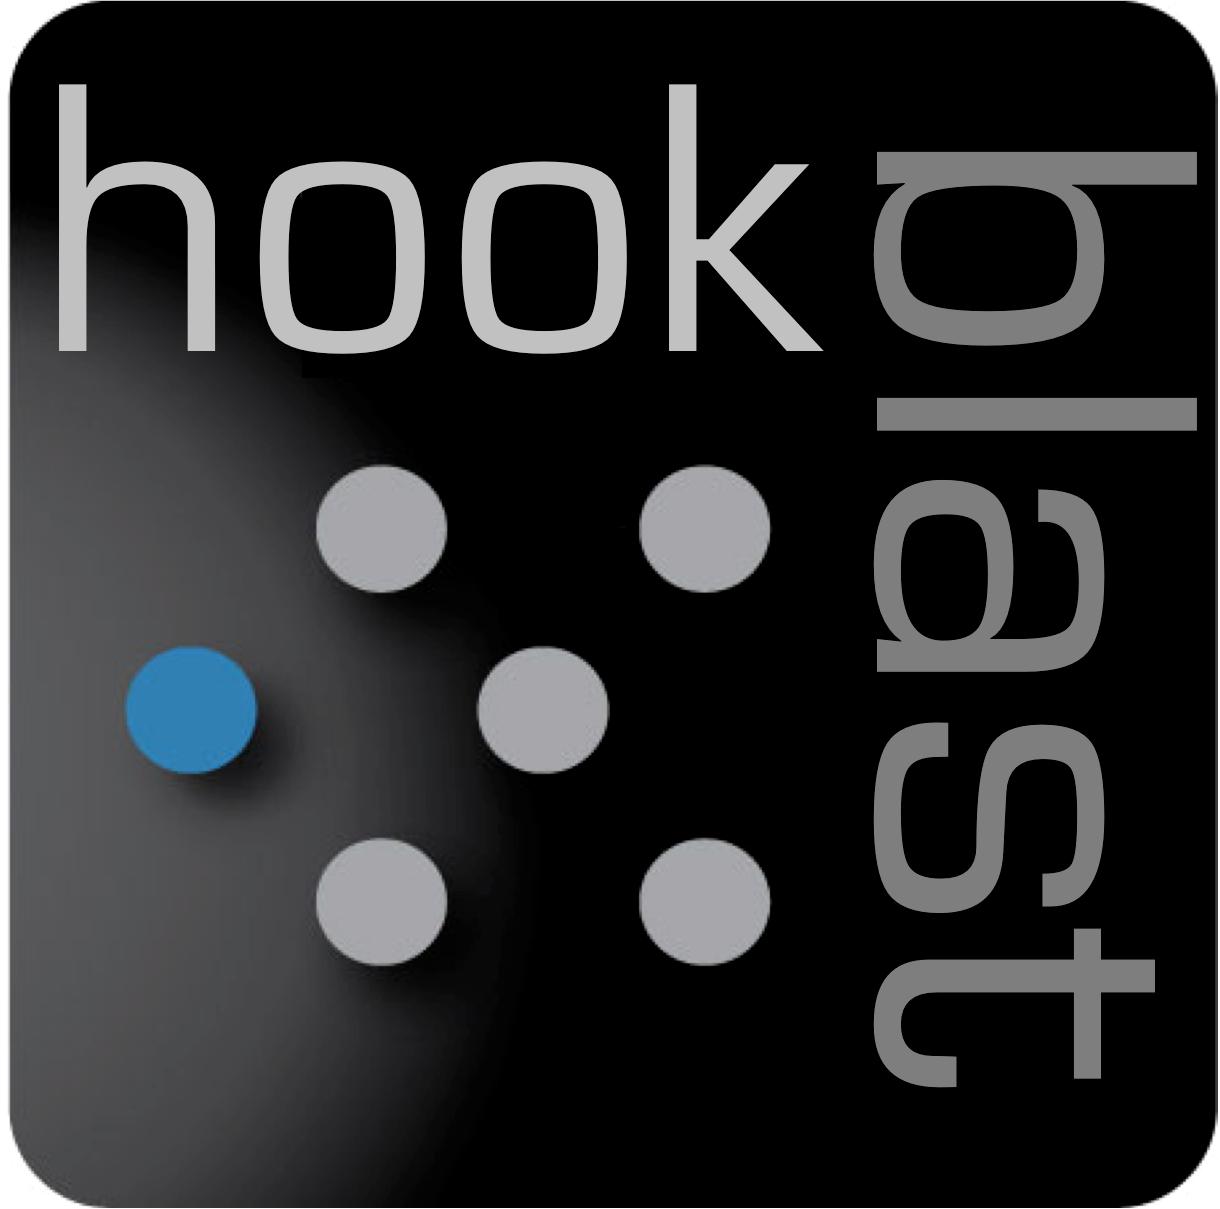 hookblast square